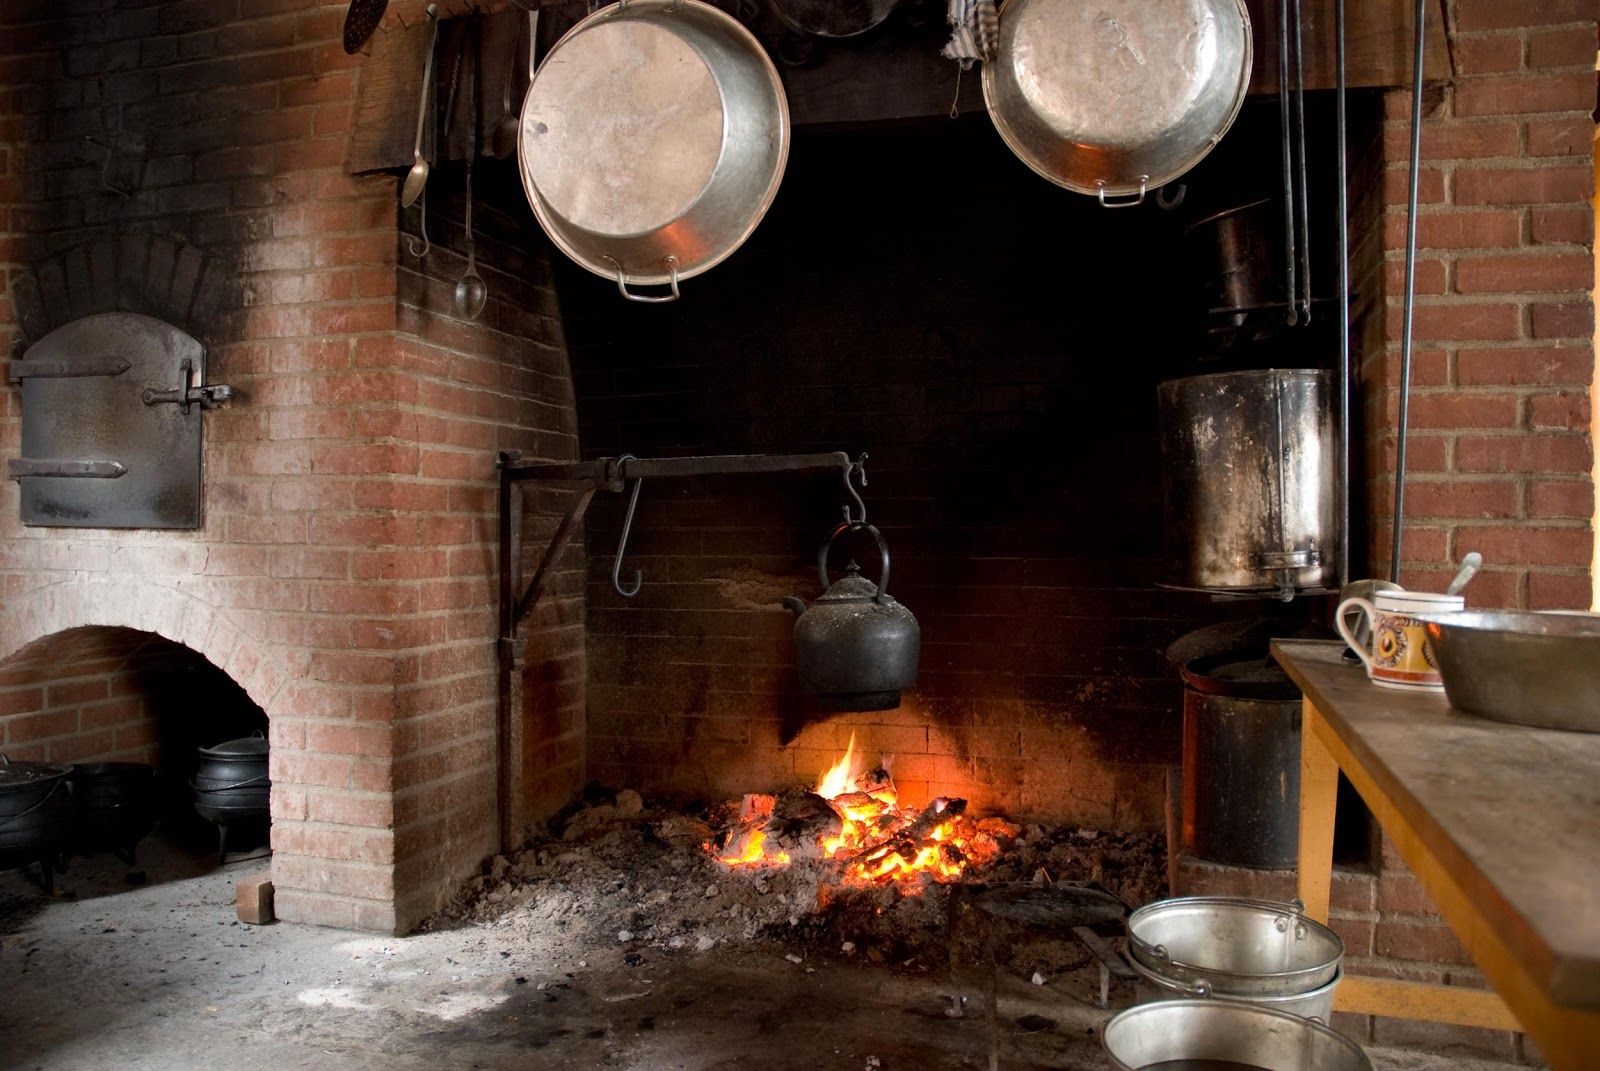 Caminetto A Legna Per Cucinare : Vita frugale cucinare con il camino ...